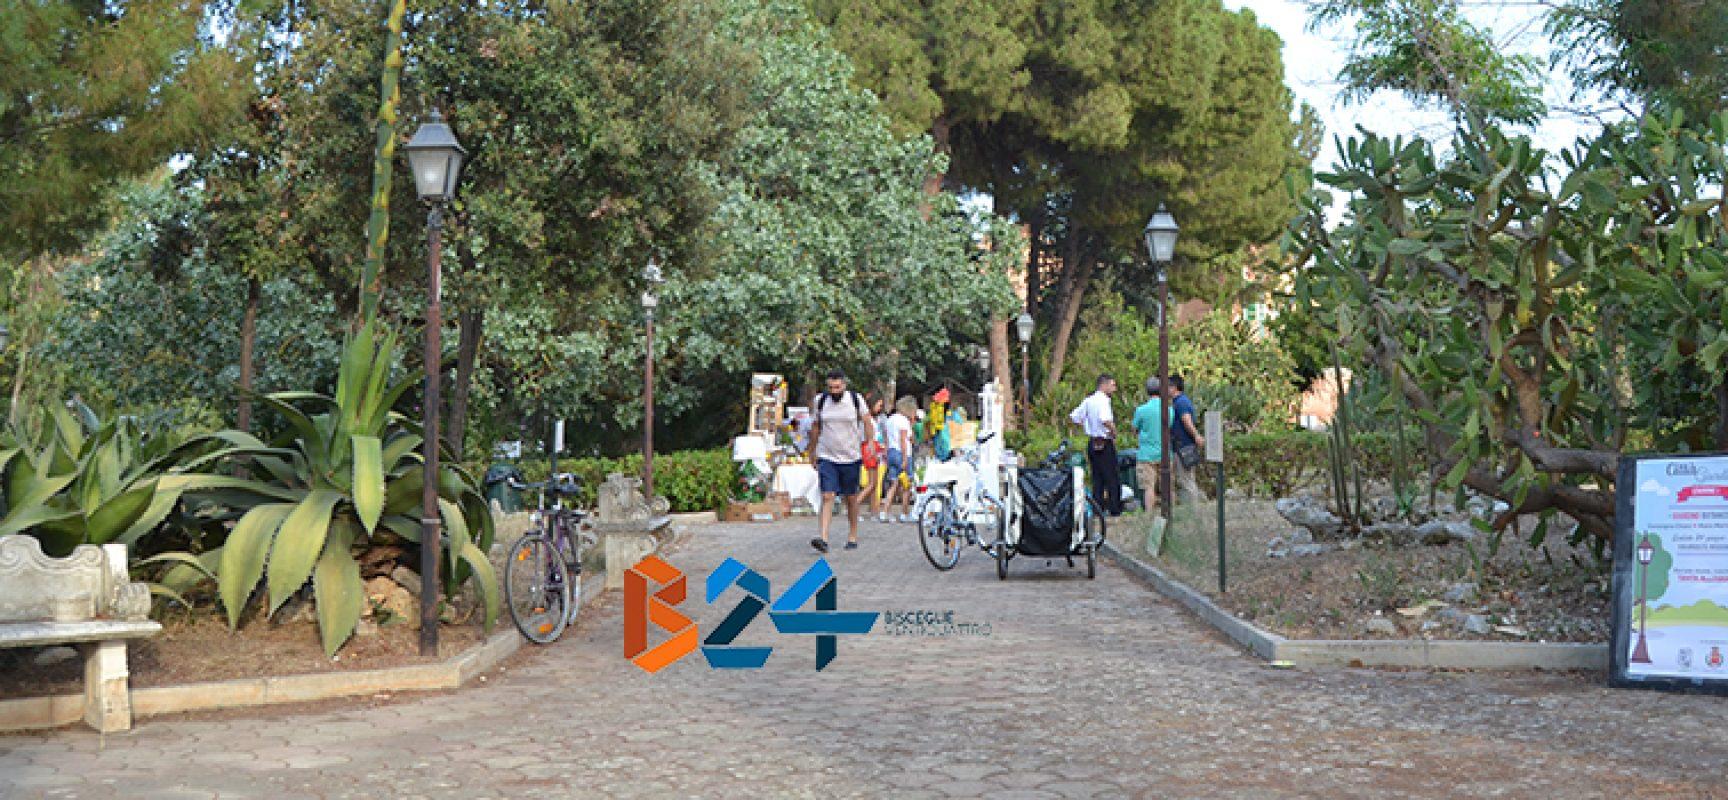 Lezioni di yoga e pilates al Giardino Botanico Veneziani a Bisceglie